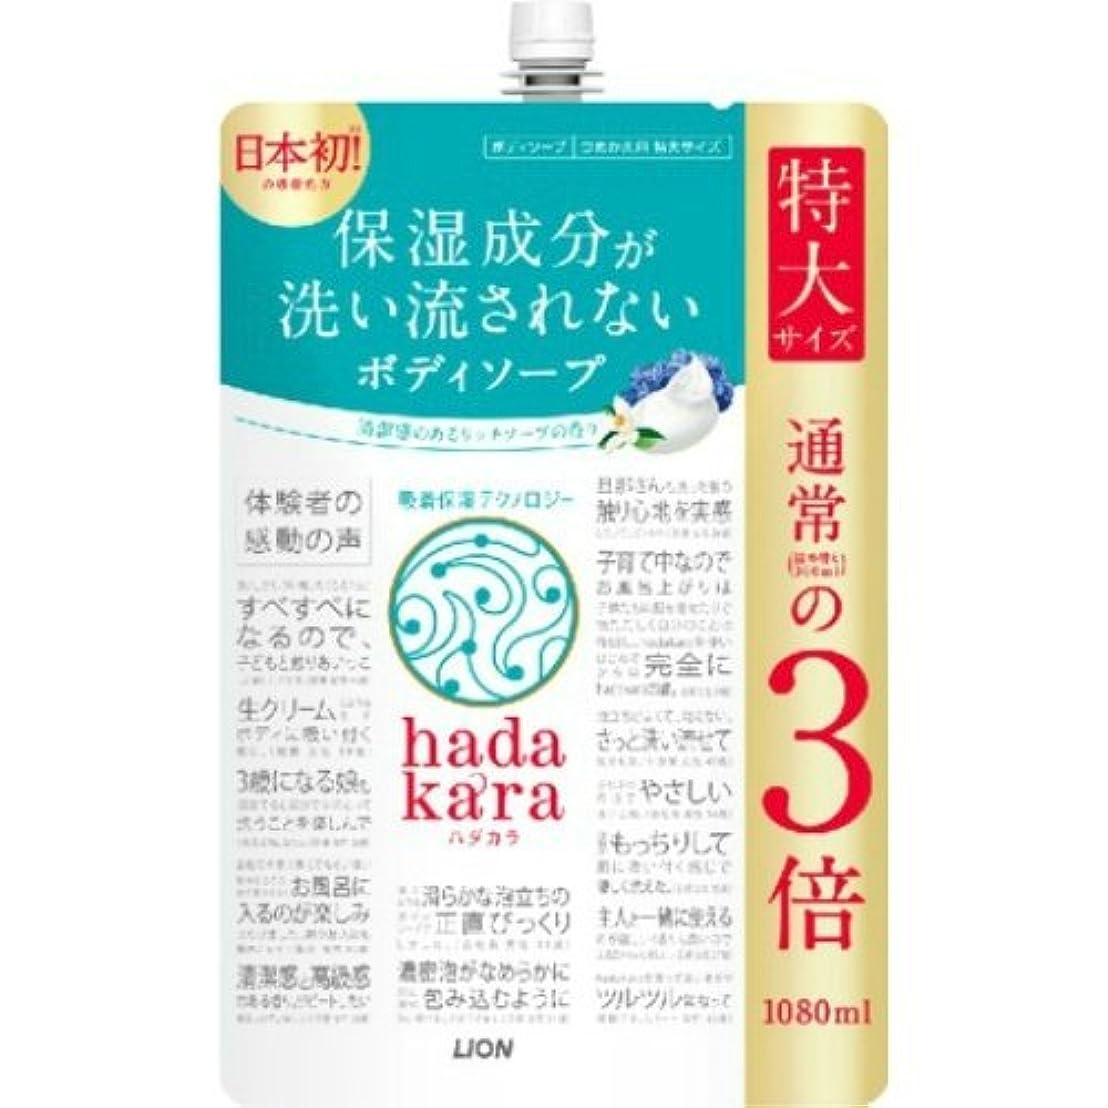 橋キラウエア山アストロラーベLION ライオン hadakara ハダカラ ボディソープ リッチソープの香り つめかえ用 特大サイズ 1080ml ×3点セット(4903301260882)